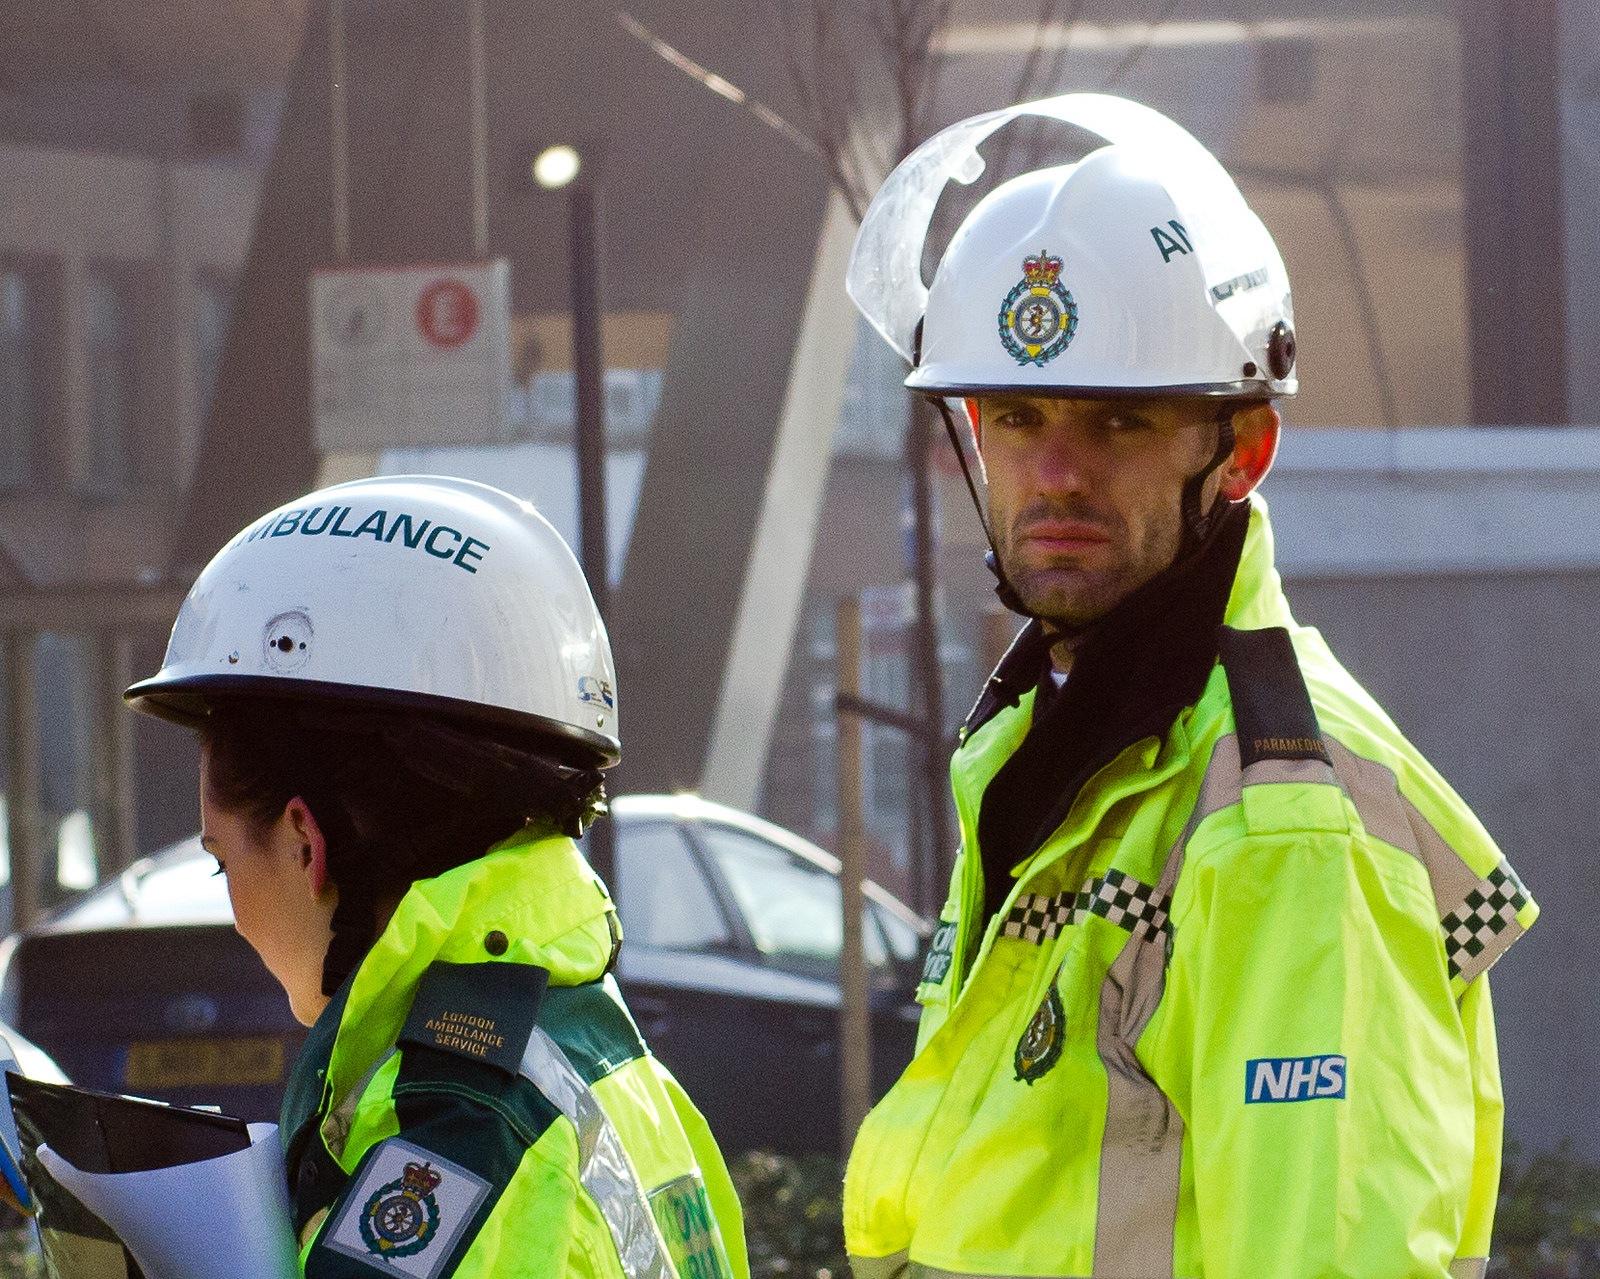 Emergencia en vivo | Reino Unido - NHS en crisis. ¿Cuál es la opinión de primera línea? ¿Cómo se puede mejorar la situación? imagen 1